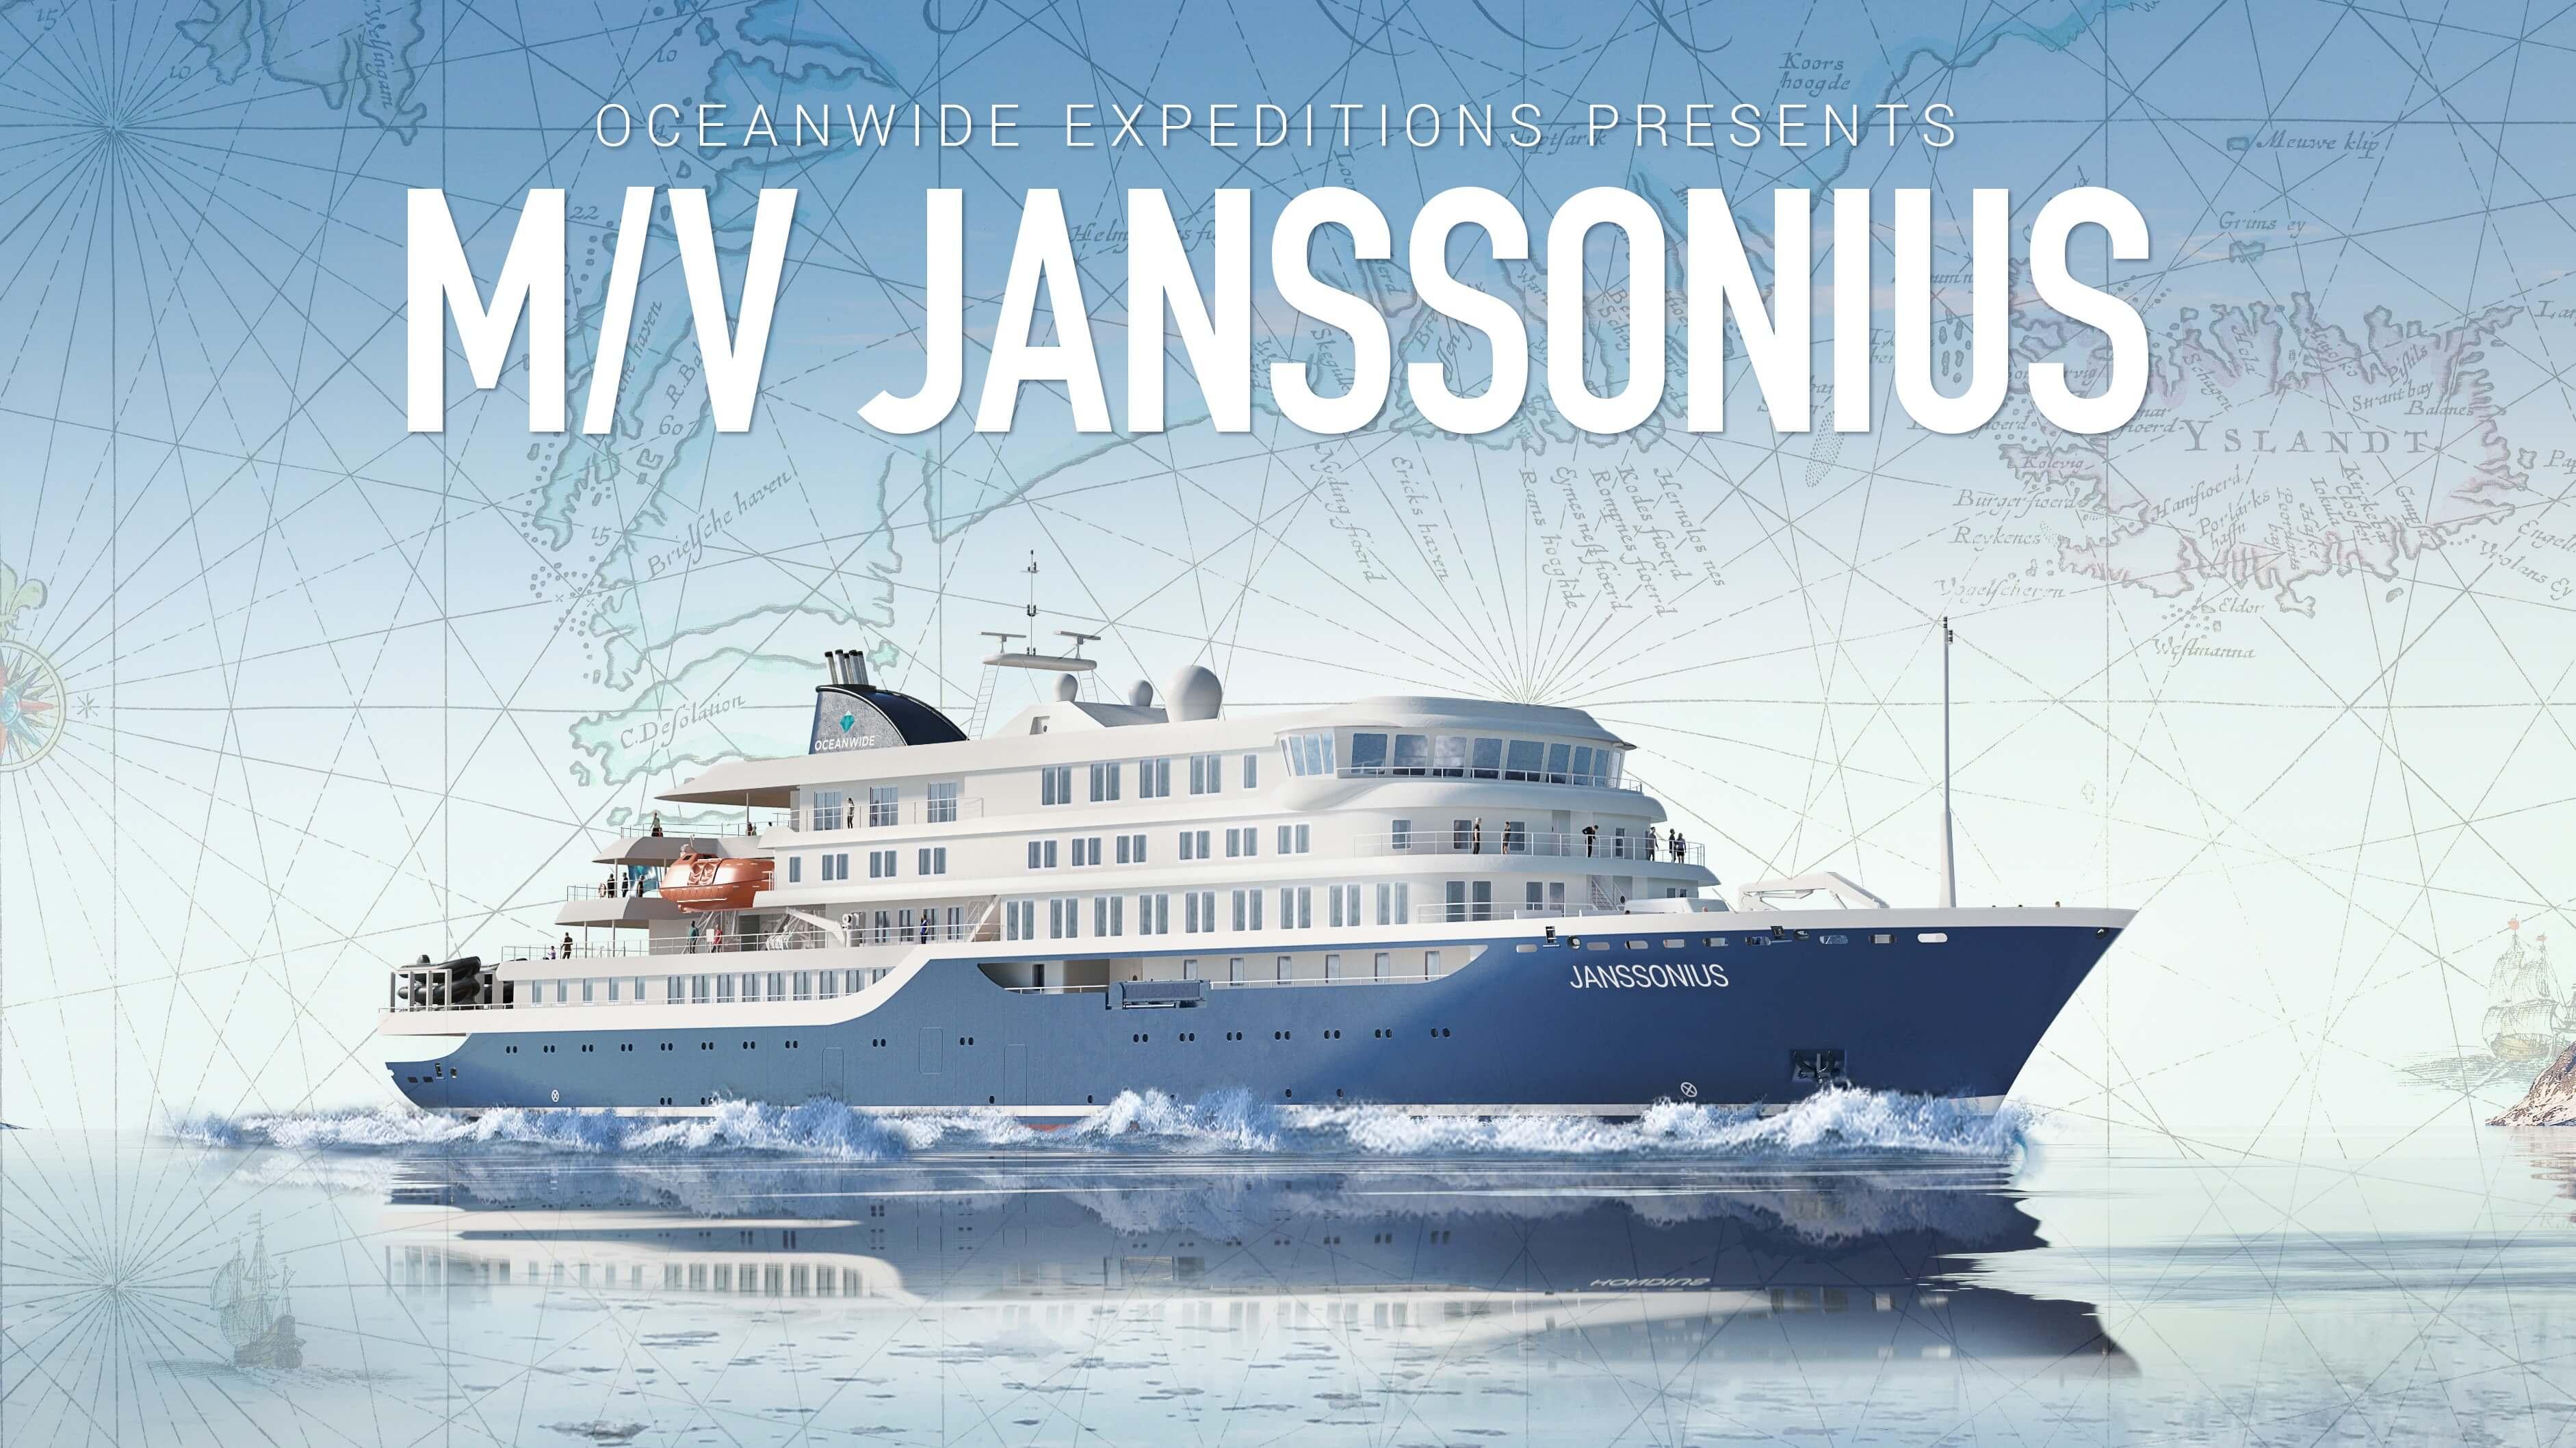 Αποτέλεσμα εικόνας για Oceanwide Expeditions: Hondius sister ship m/v Janssonius ordered for 2021